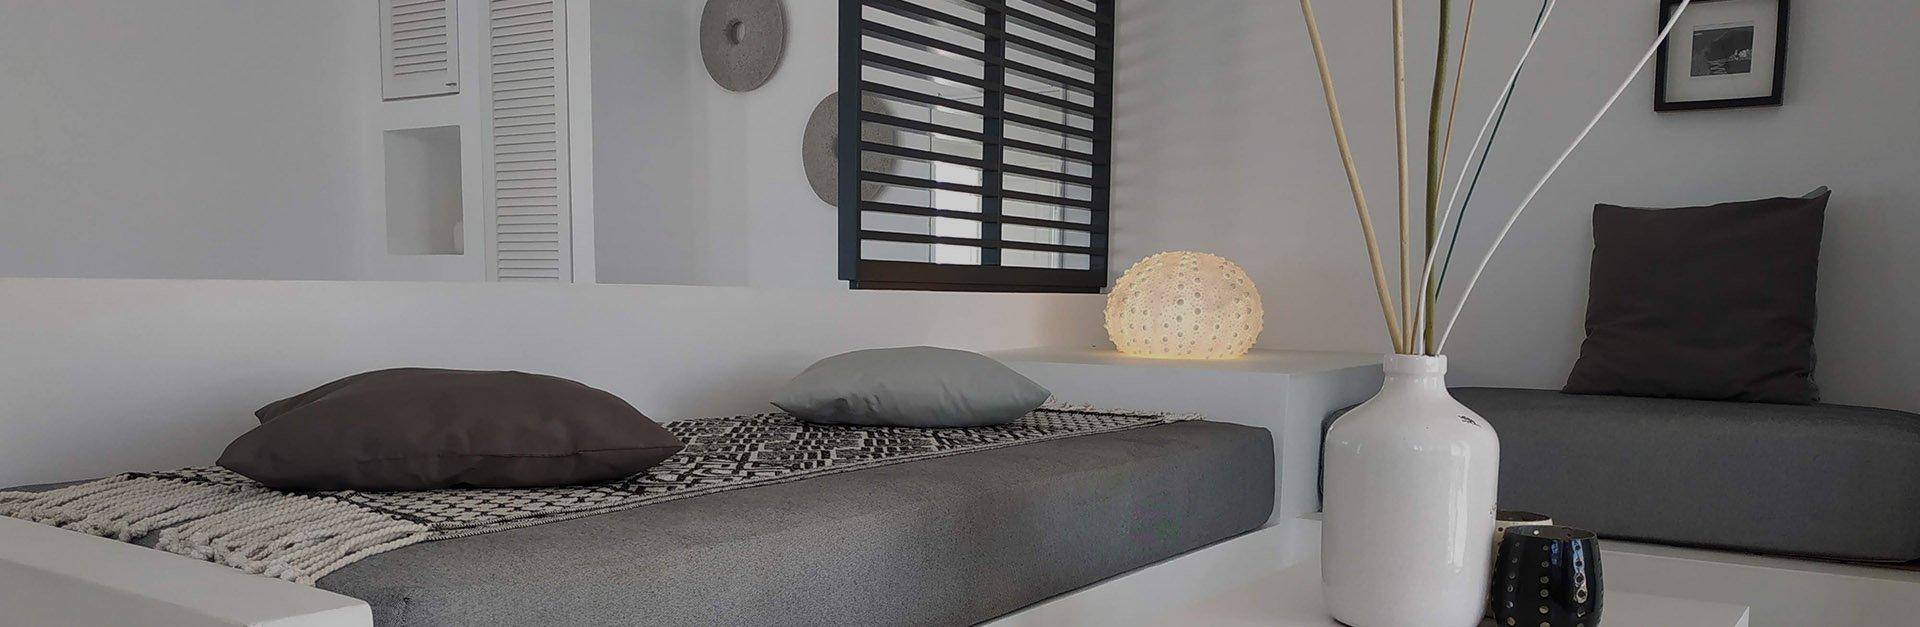 folegandros hotels - Lemon Tree Houses